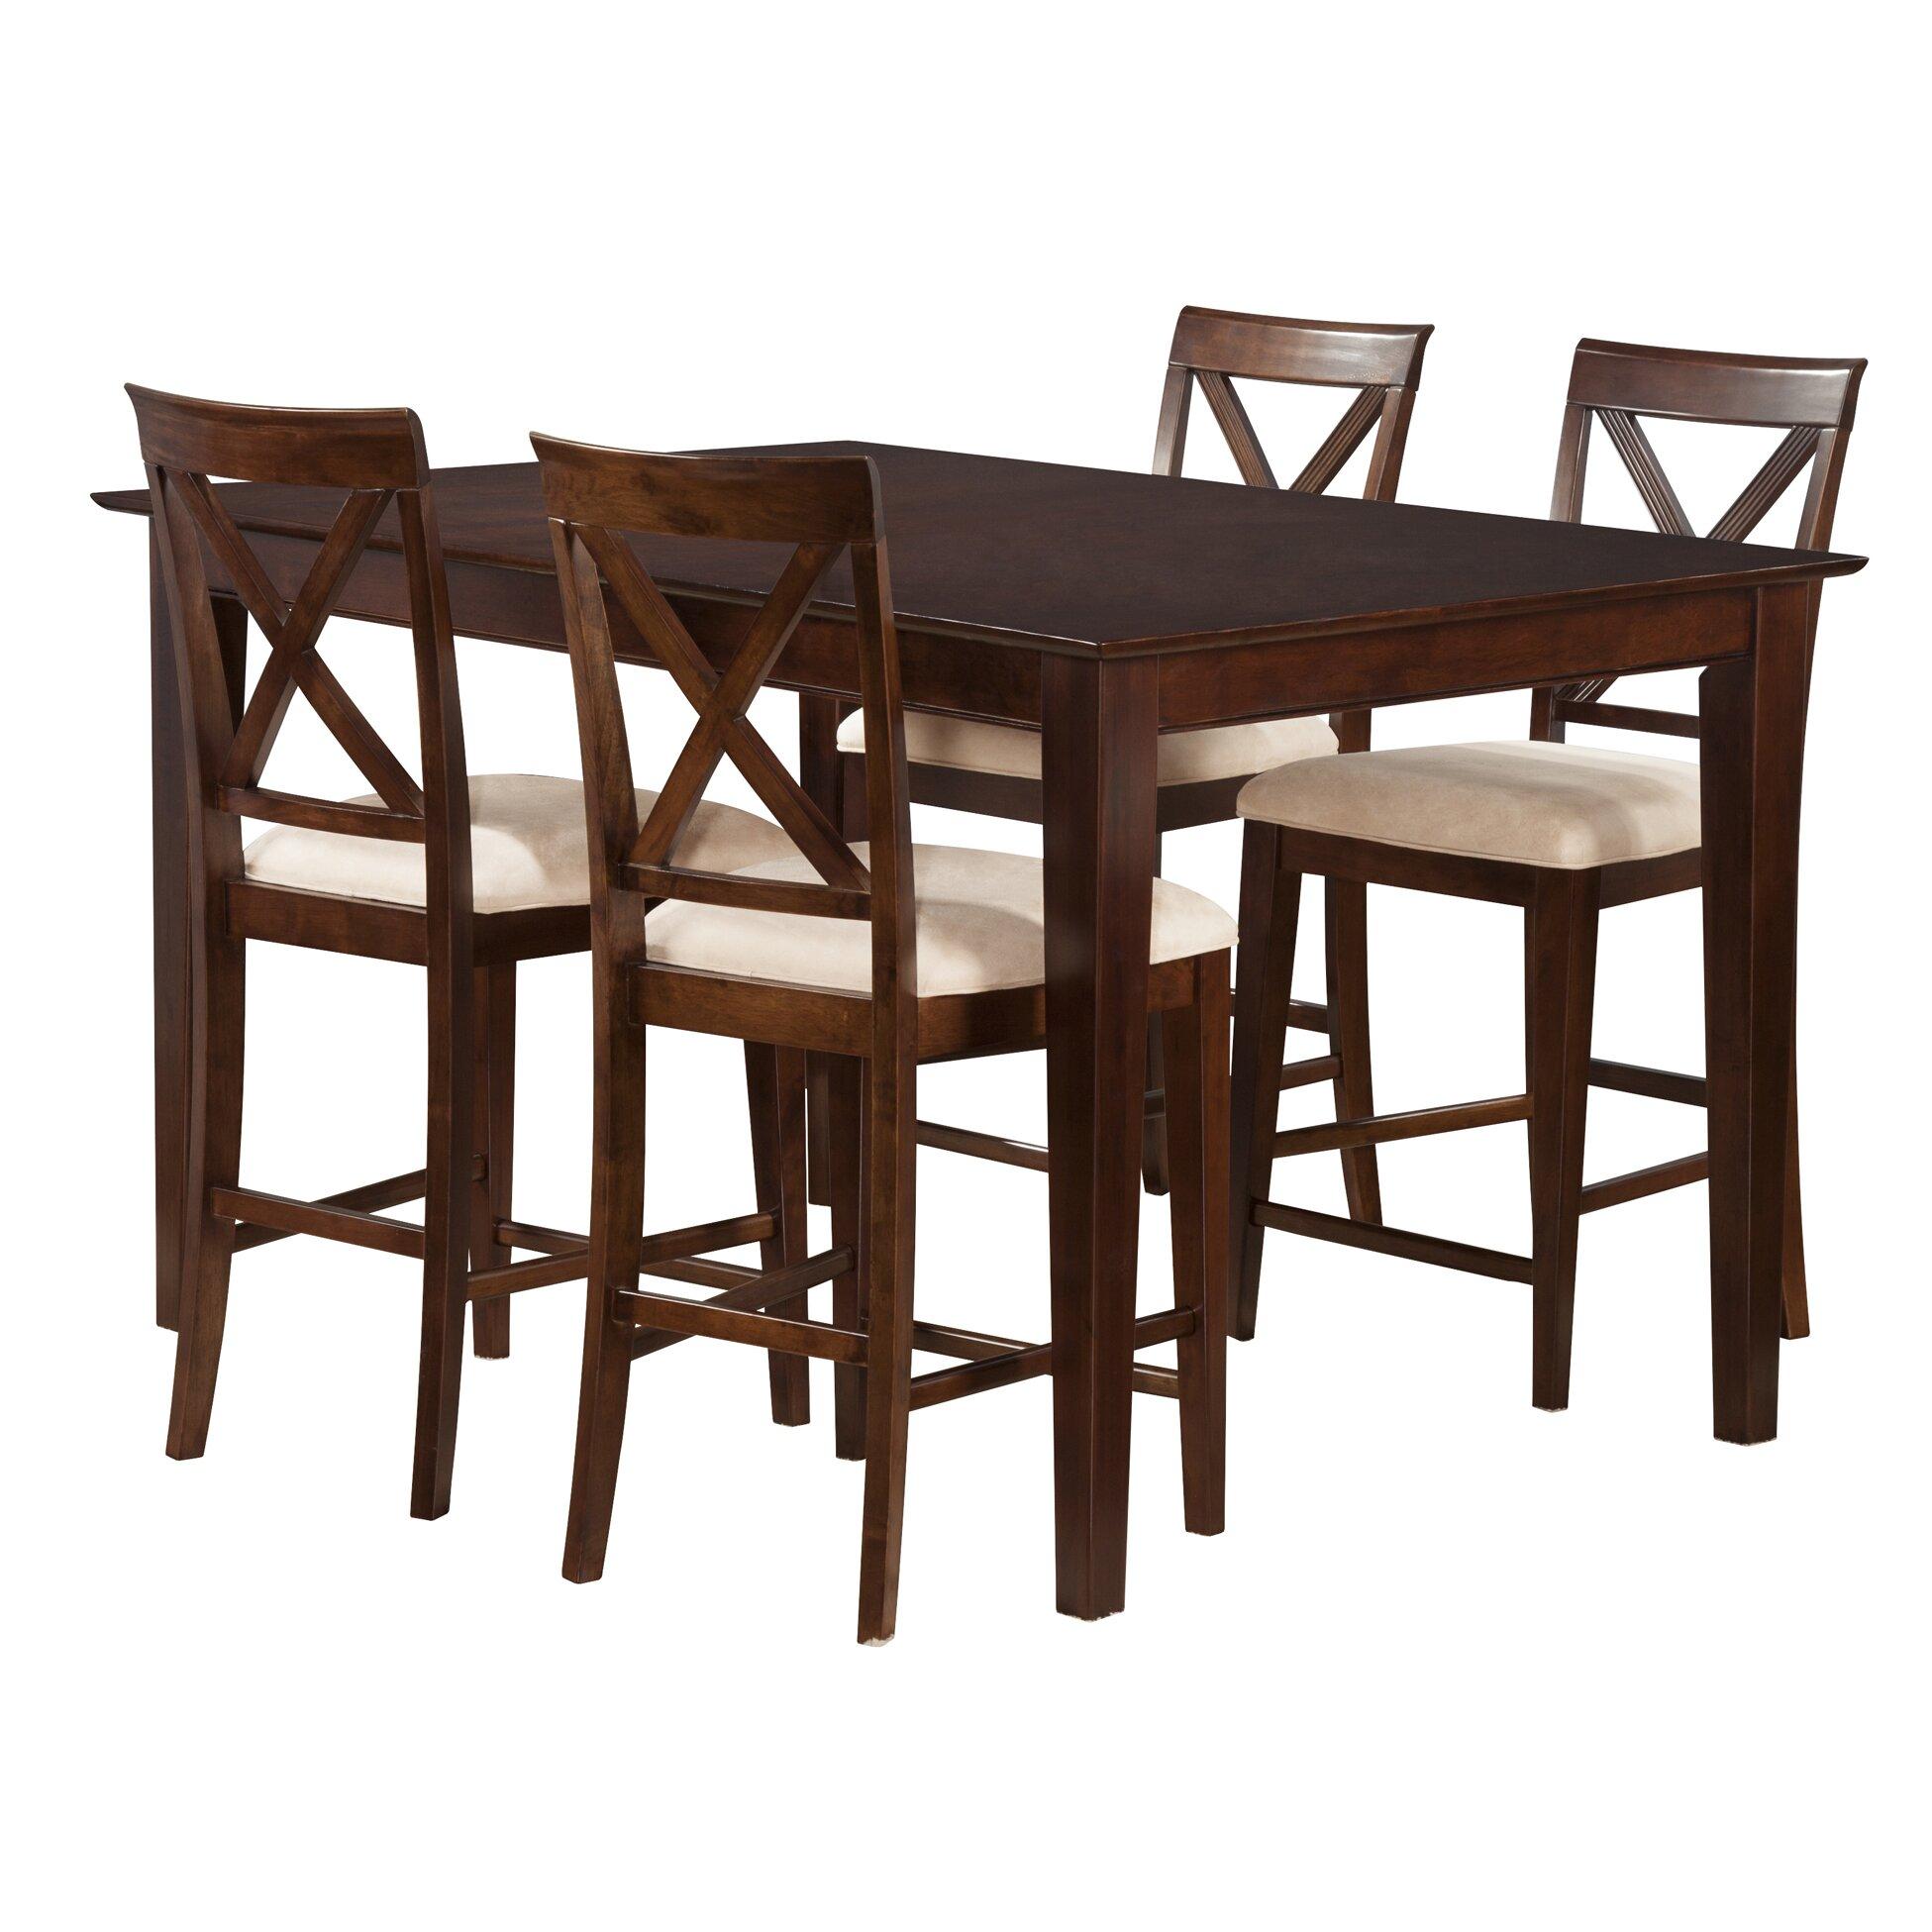 Crestwood Dining Room Set